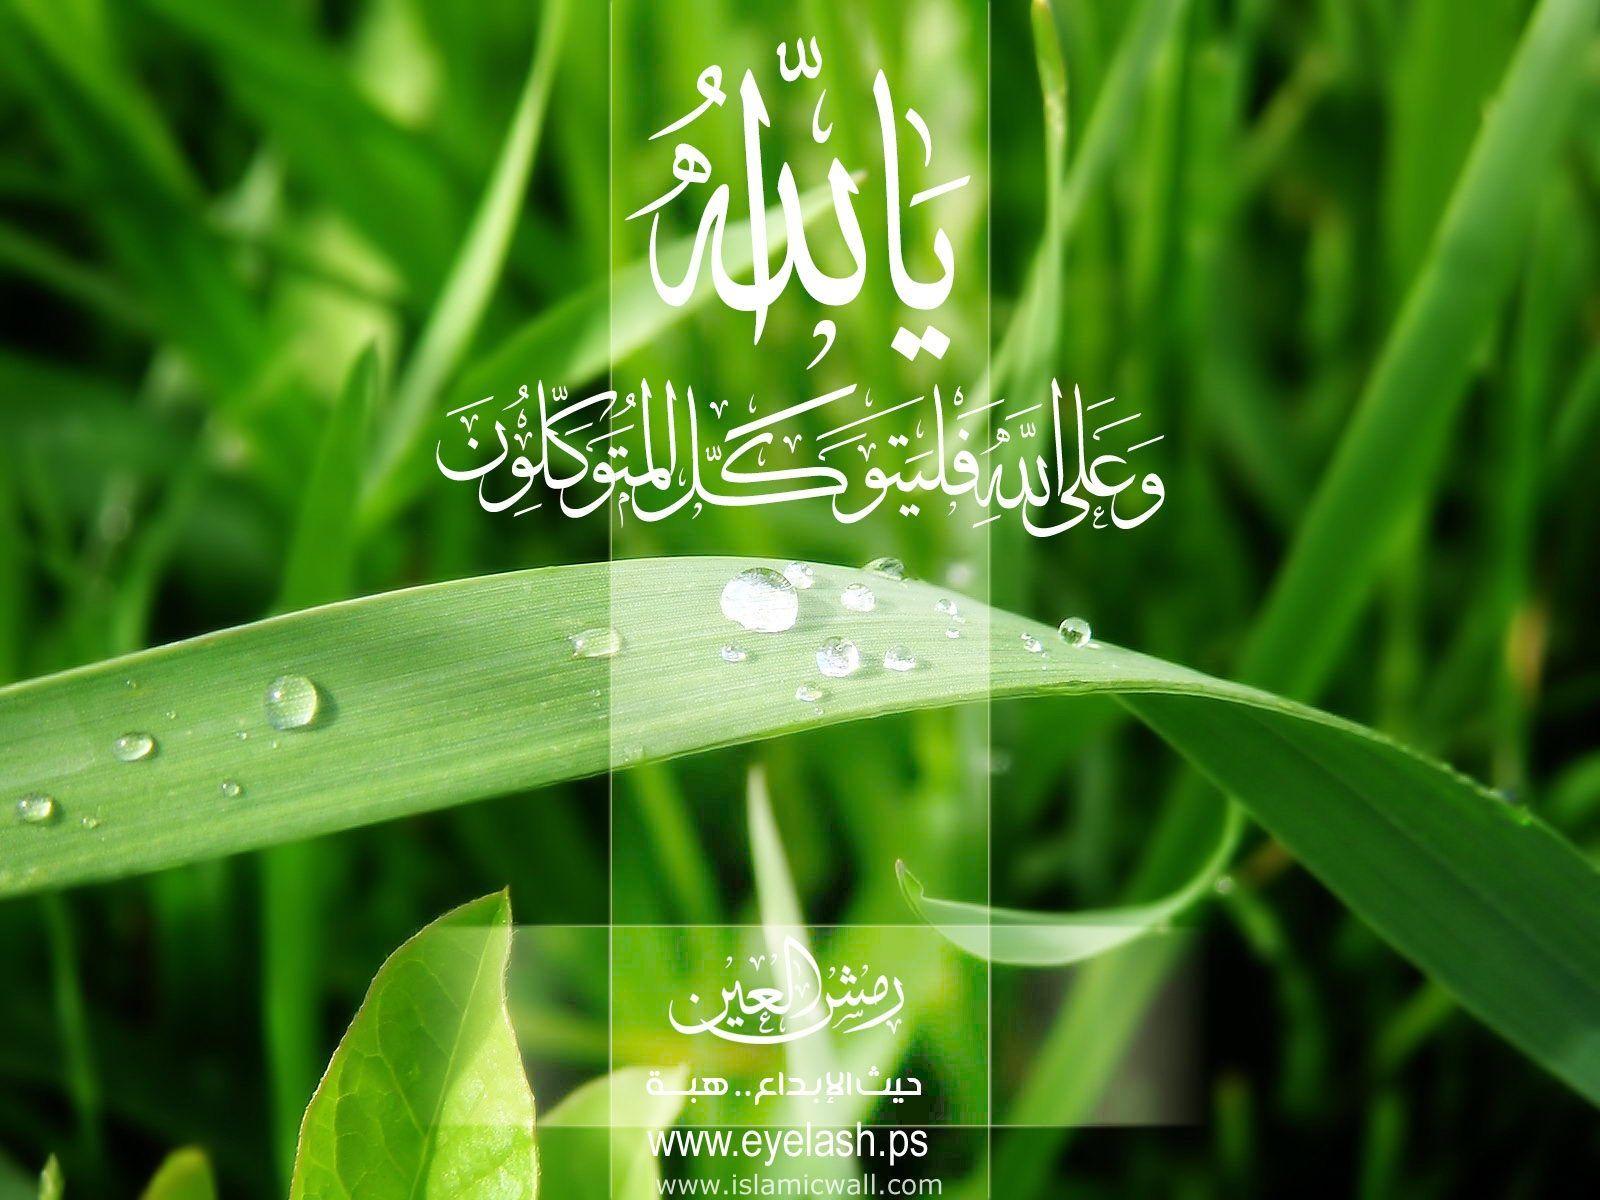 wallpaper islami artikel islam salafiyah ahlus sunnah wal jamaah 1600a—1200 wallpapers islami untuk laptop